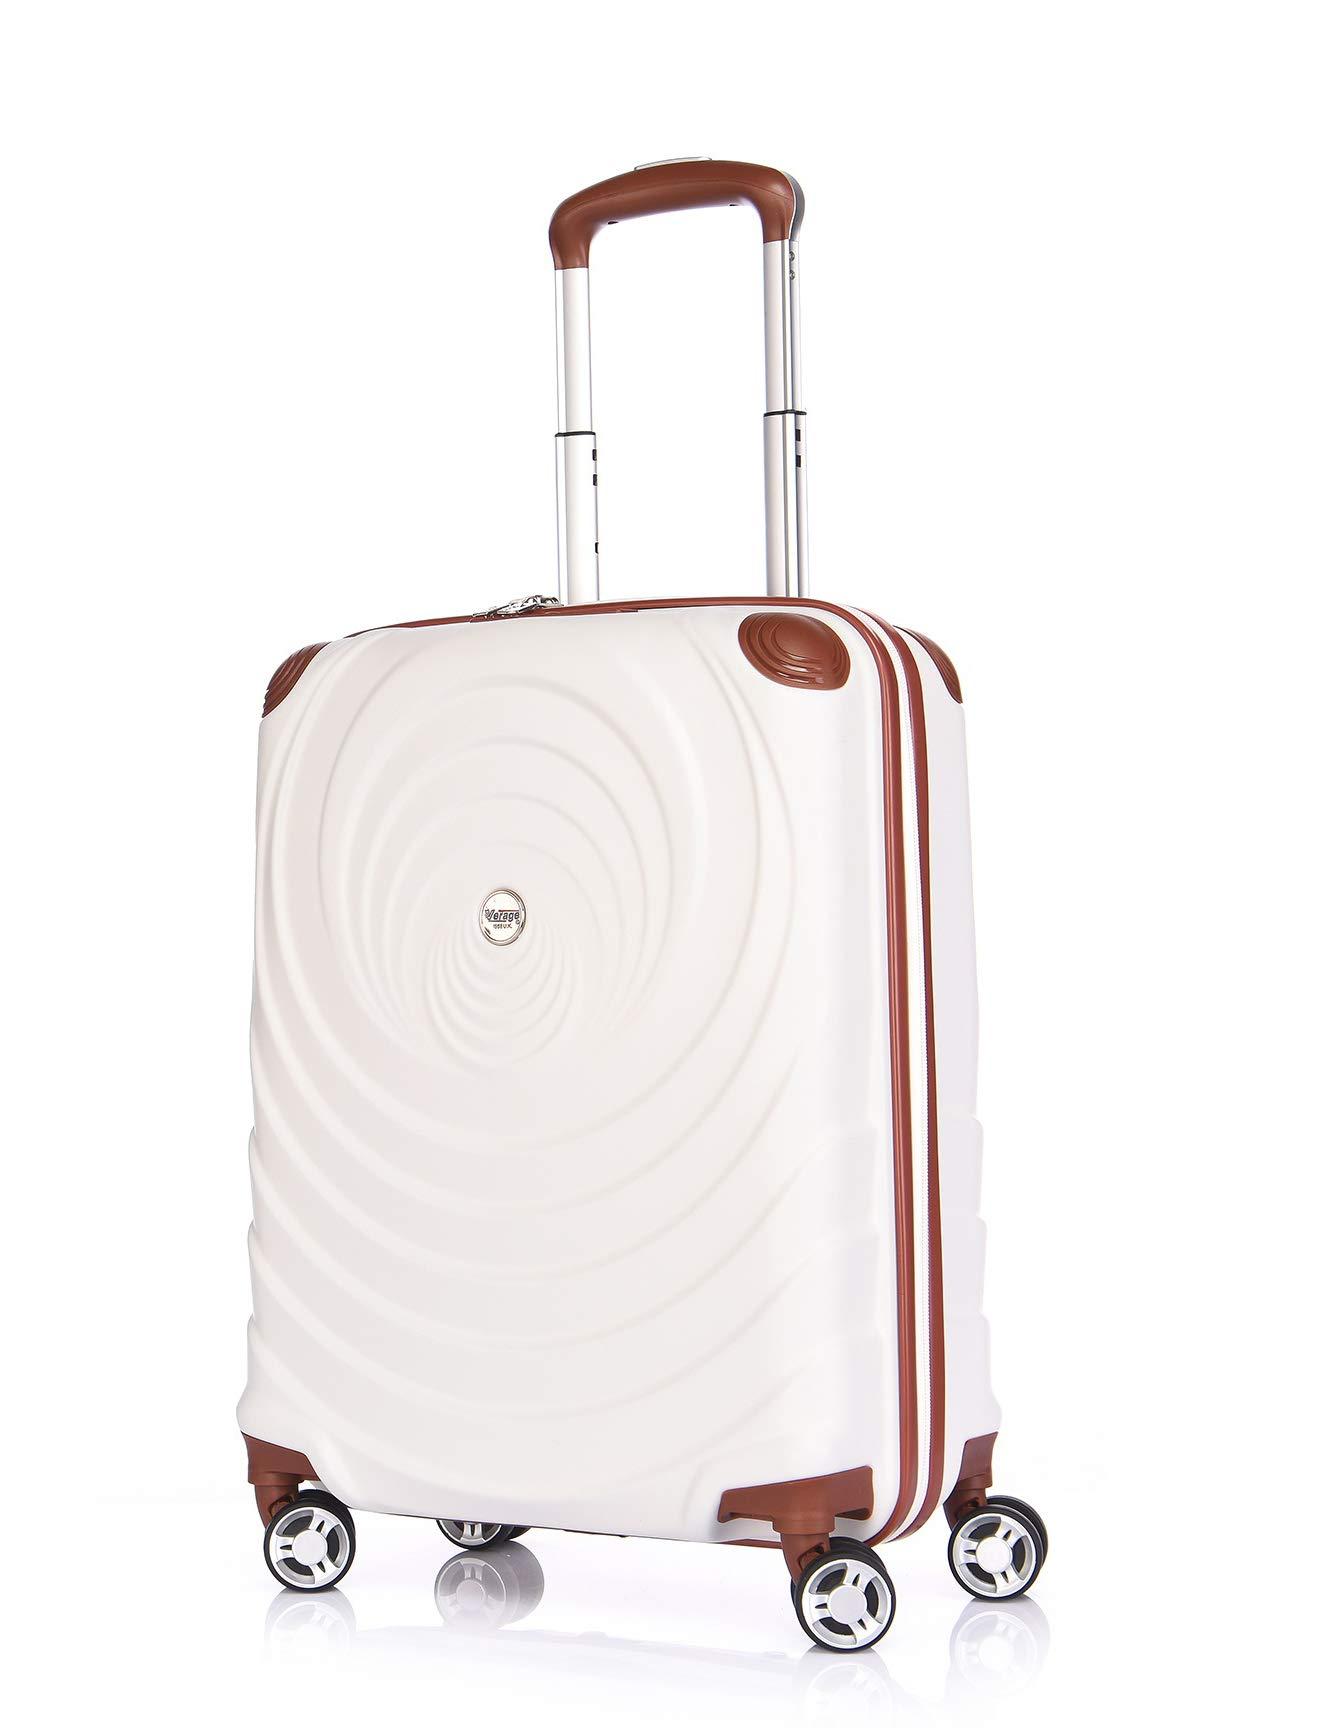 Verage-Spiral-4-Rollen-ABS-Hartschale-Reisekoffer-Handgepck-Trolley-Set-S-M-L-Schwarz-Champagne-Beige-Blau-TSA-integriert-erweiterbar